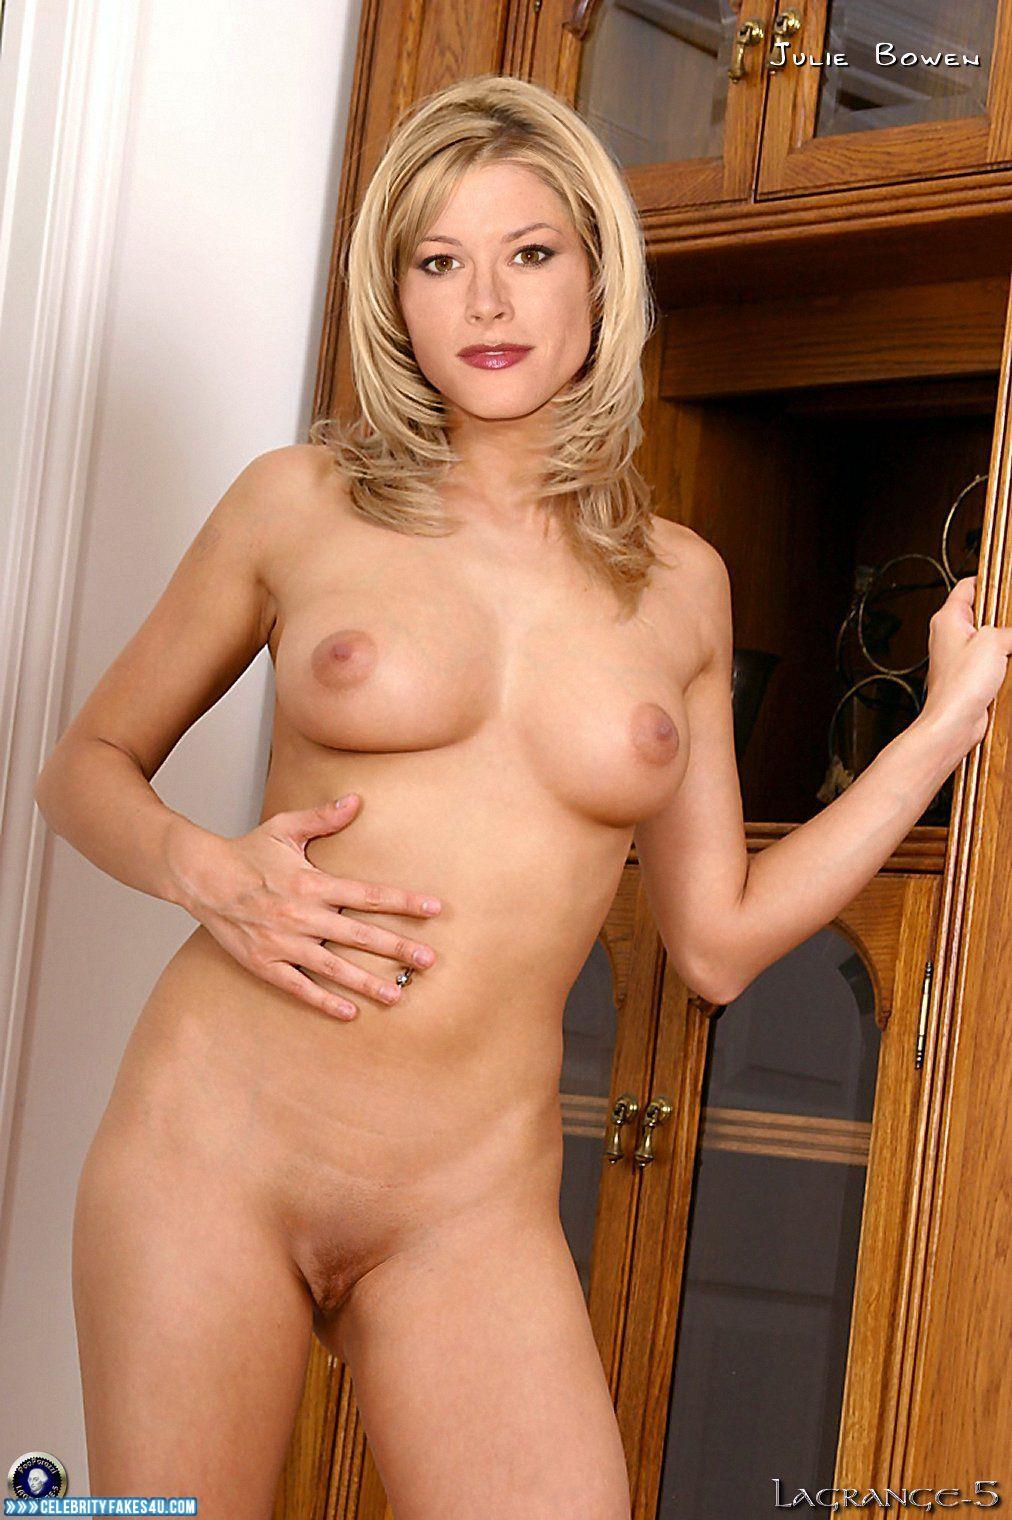 julie bowen porn pics